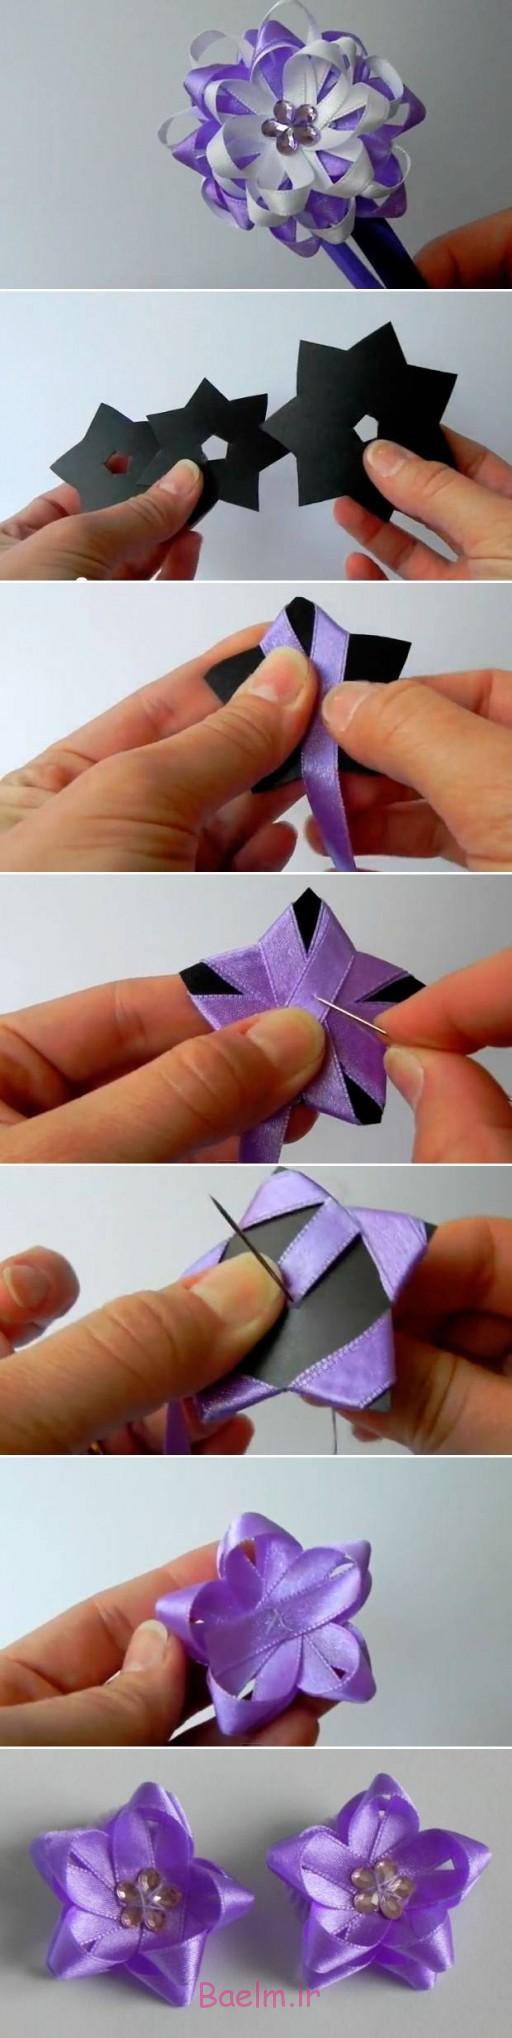 DIY آسان از جنس ساتن روبان گل کمان 1